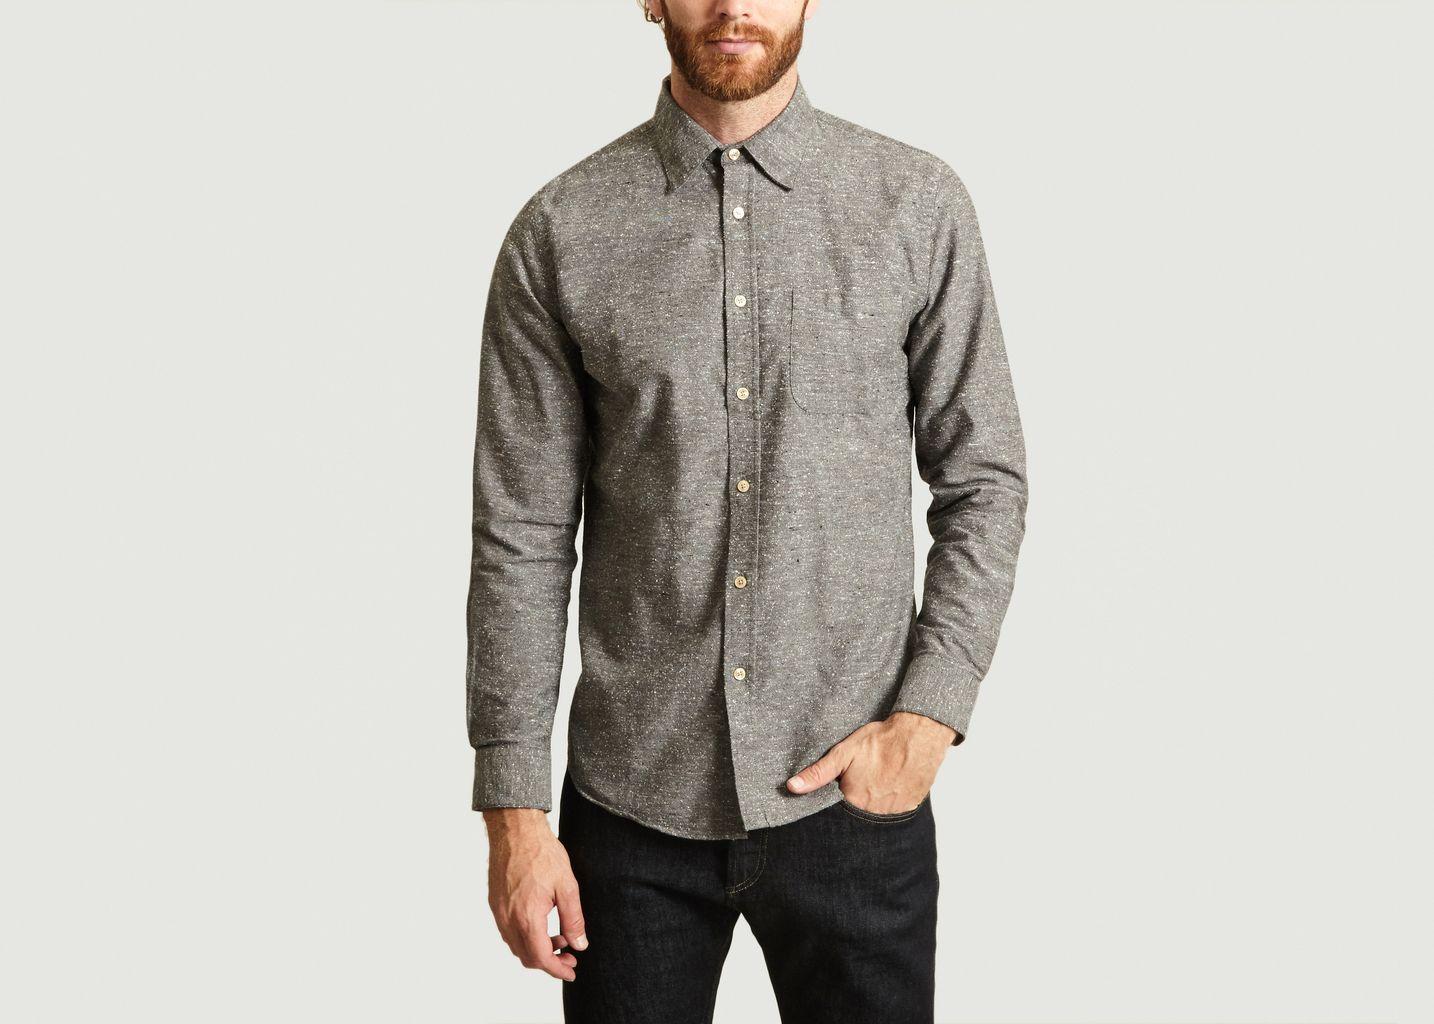 Chemise En Coton Chiné Gross - Portuguese Flannel